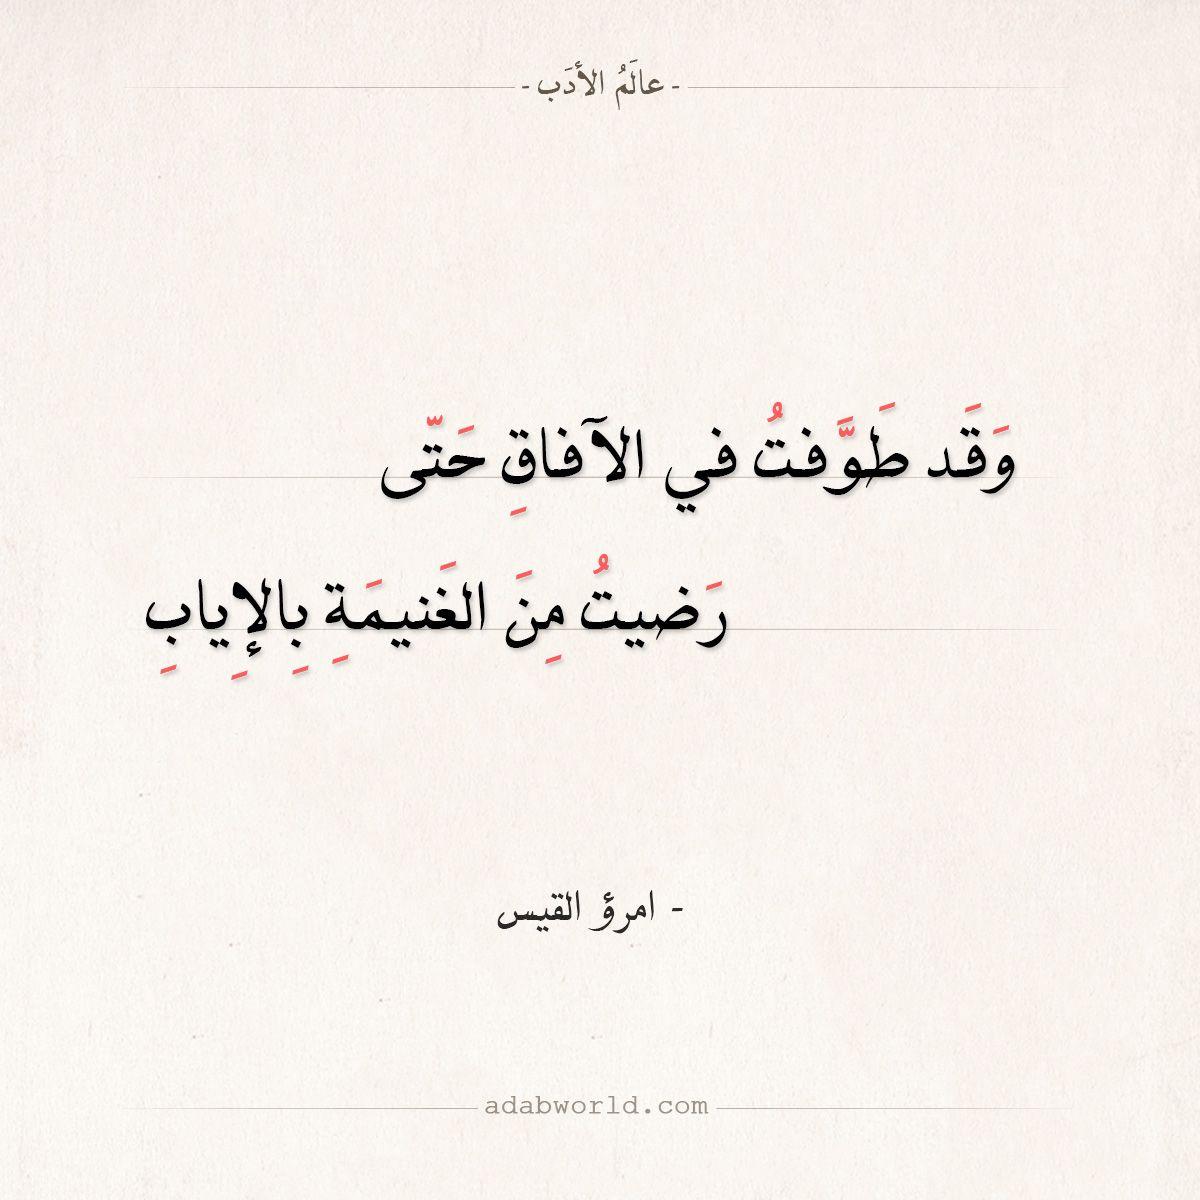 شعر امرؤ القيس وقد طوفت في الافاق حتى عالم الأدب Active Learning Strategies Learning Strategies Arabic Poetry